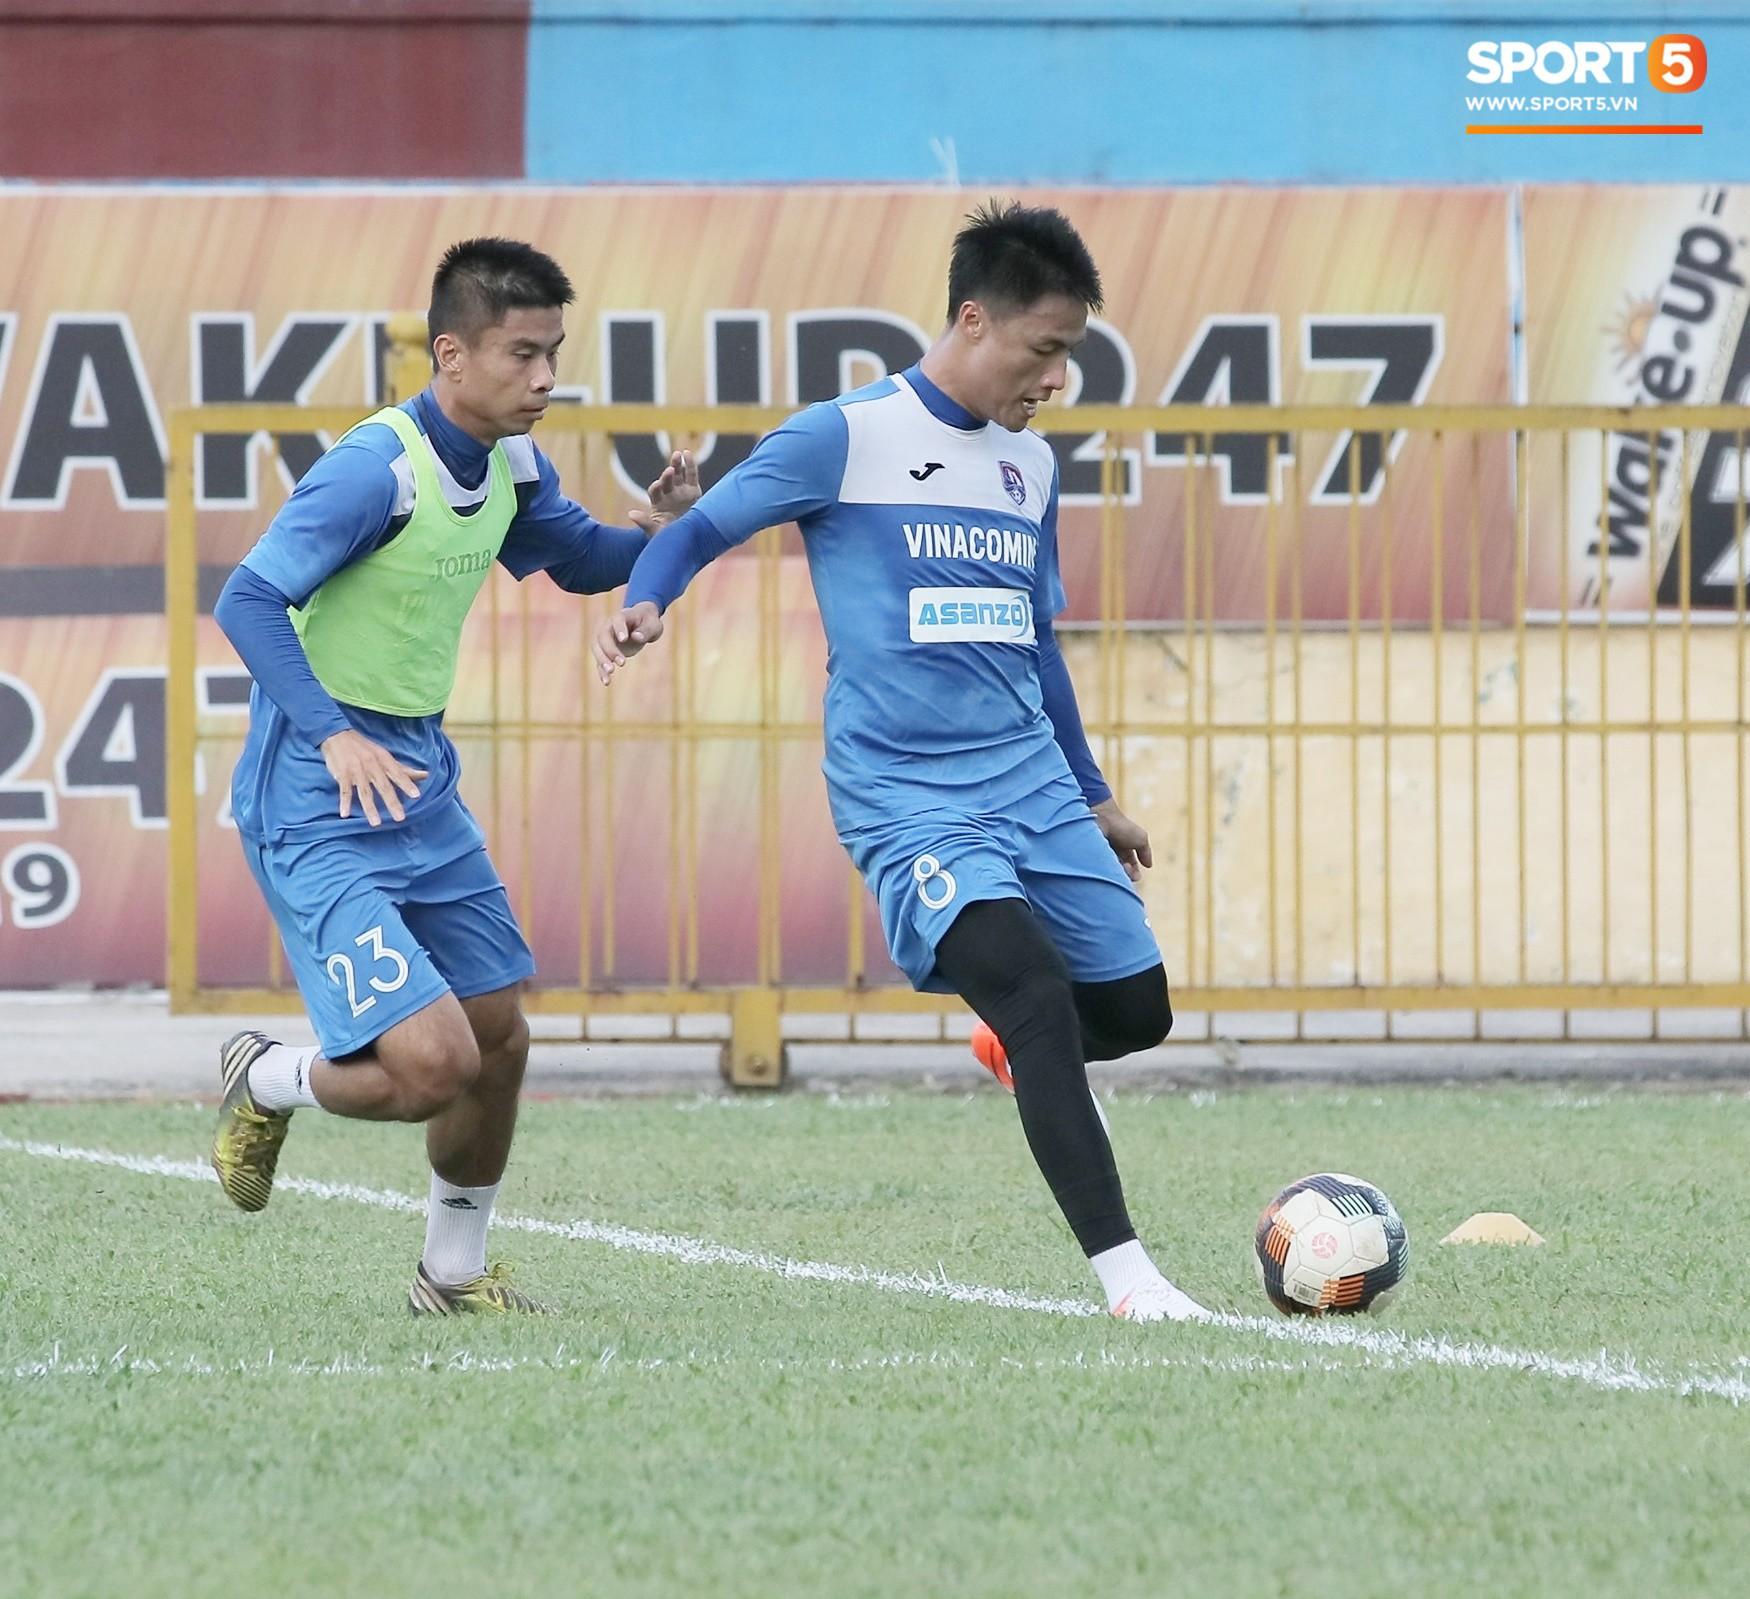 Cầu thủ Việt kiều Mạc Hồng Quân: Nếu được thầy Park gọi lên tuyển, đó là một vinh dự - Ảnh 4.